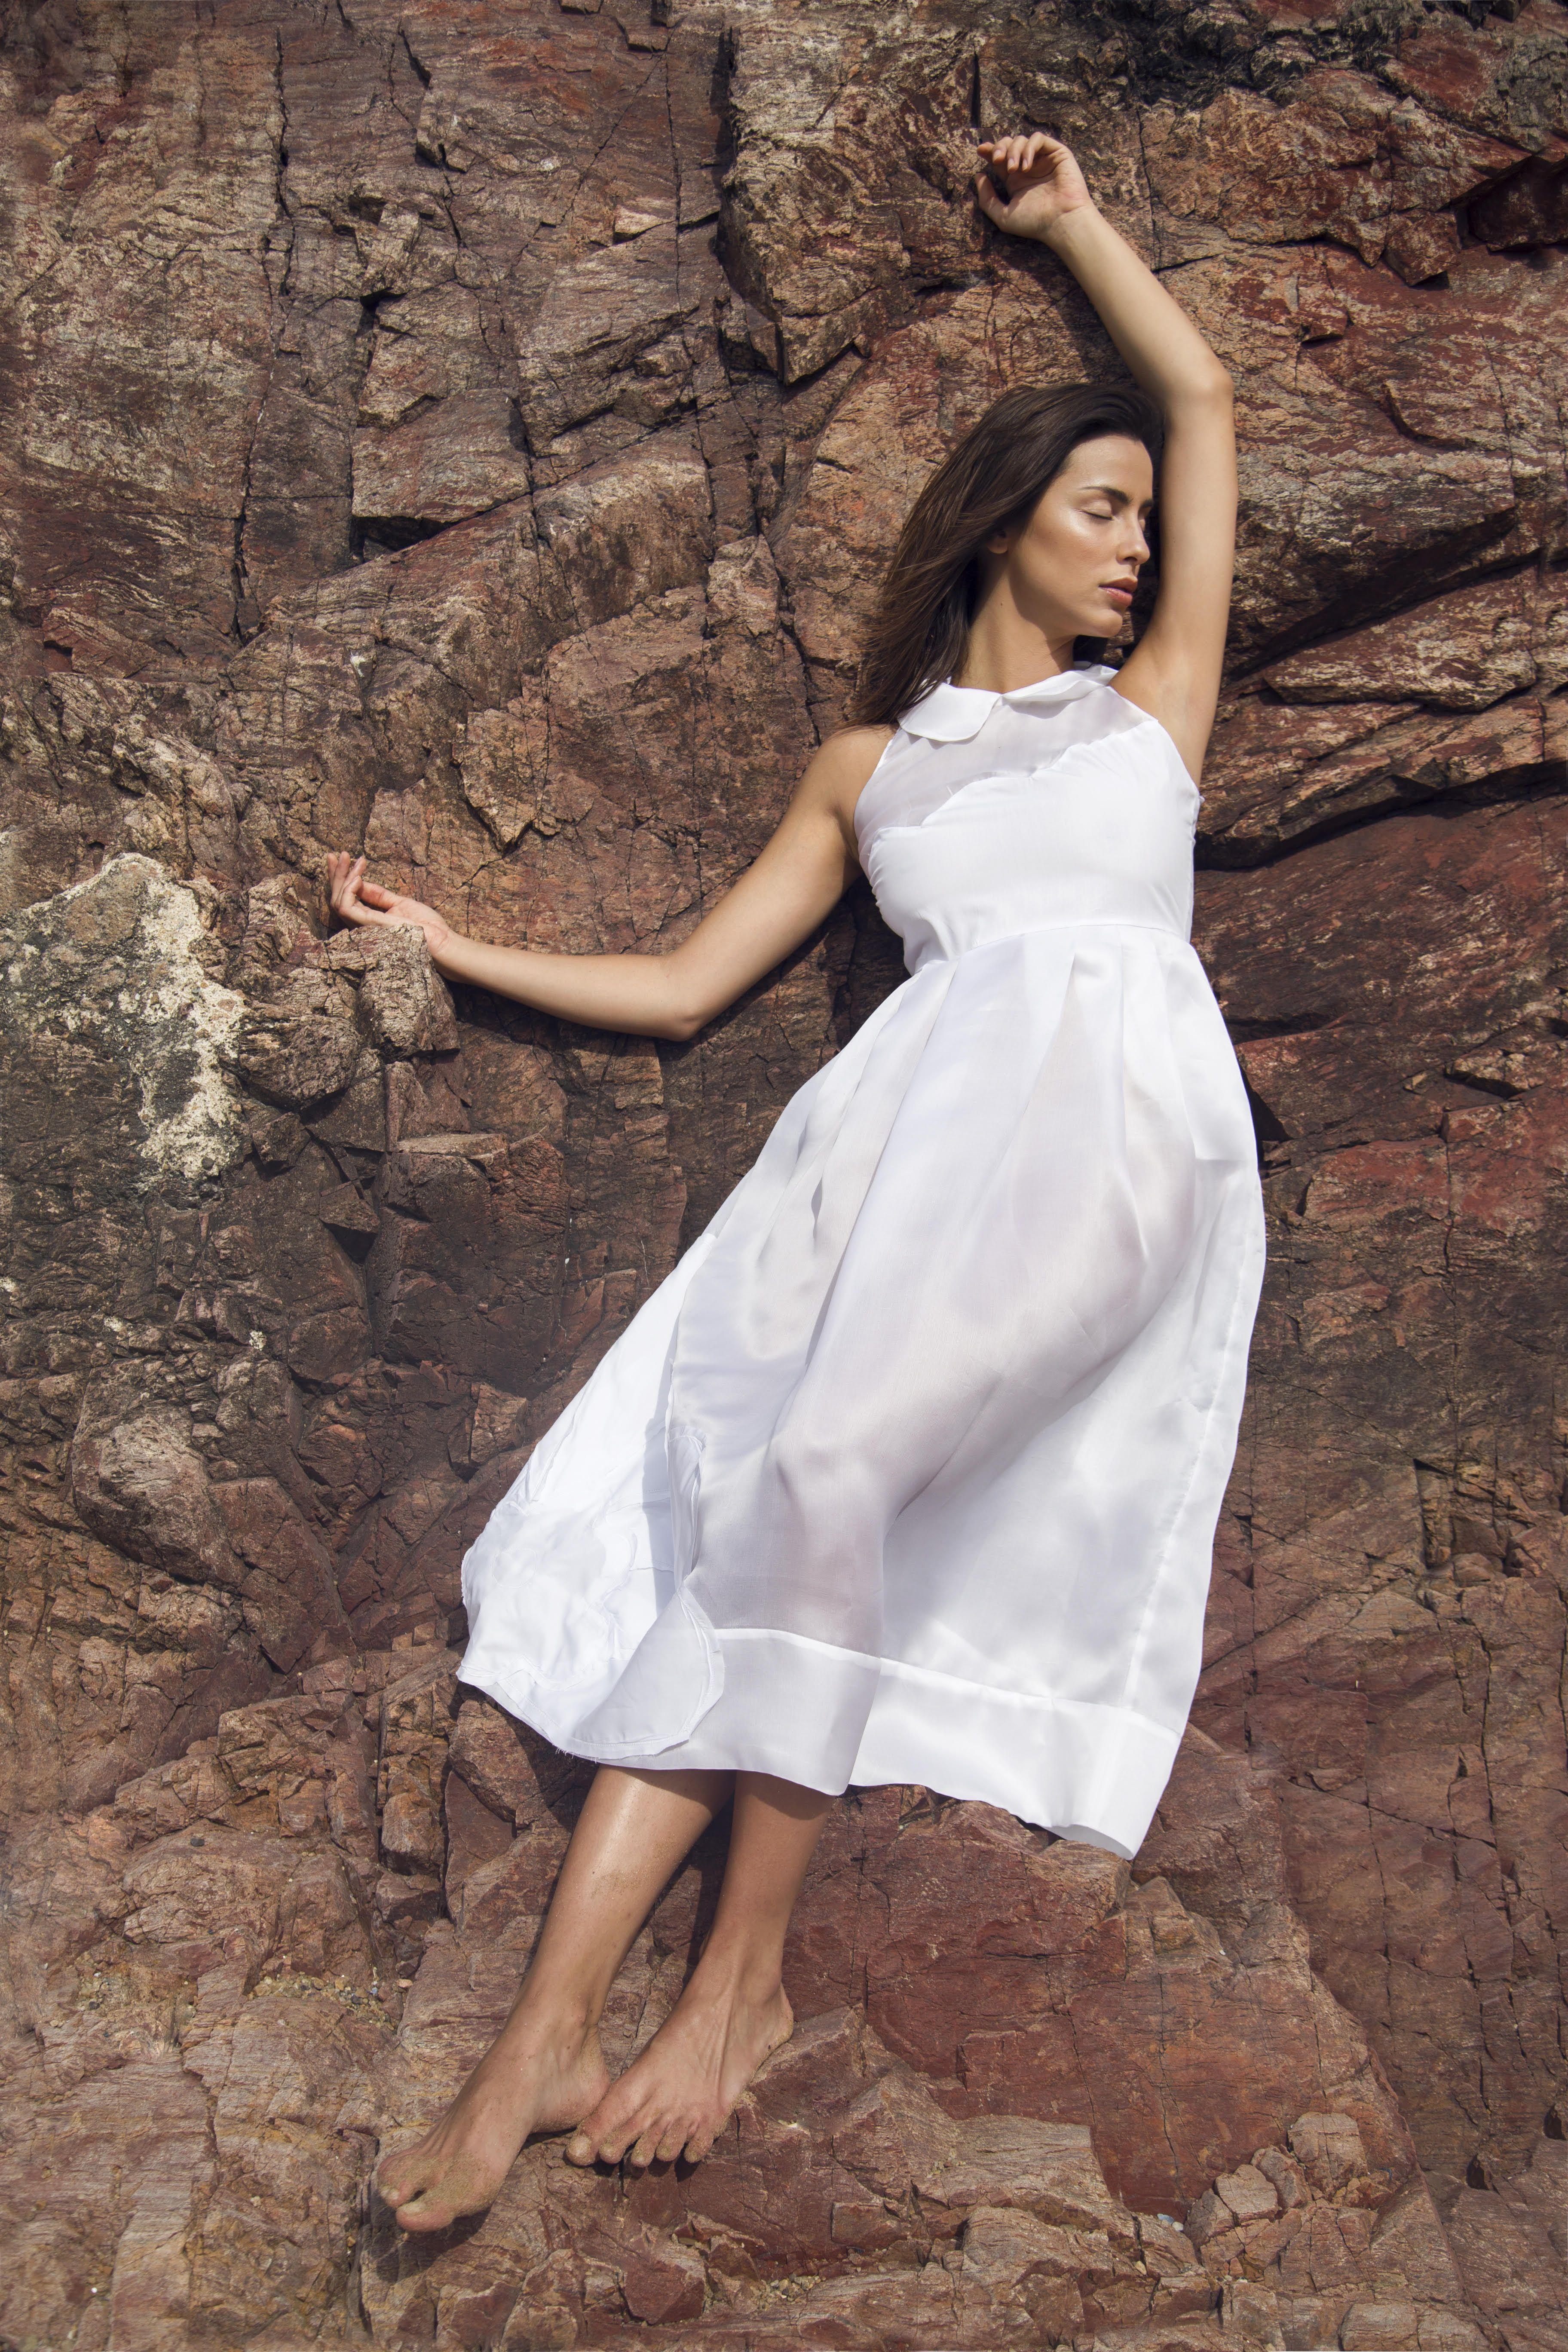 Vestido de novia, ESMERALDA PH: Agustin Gotlib